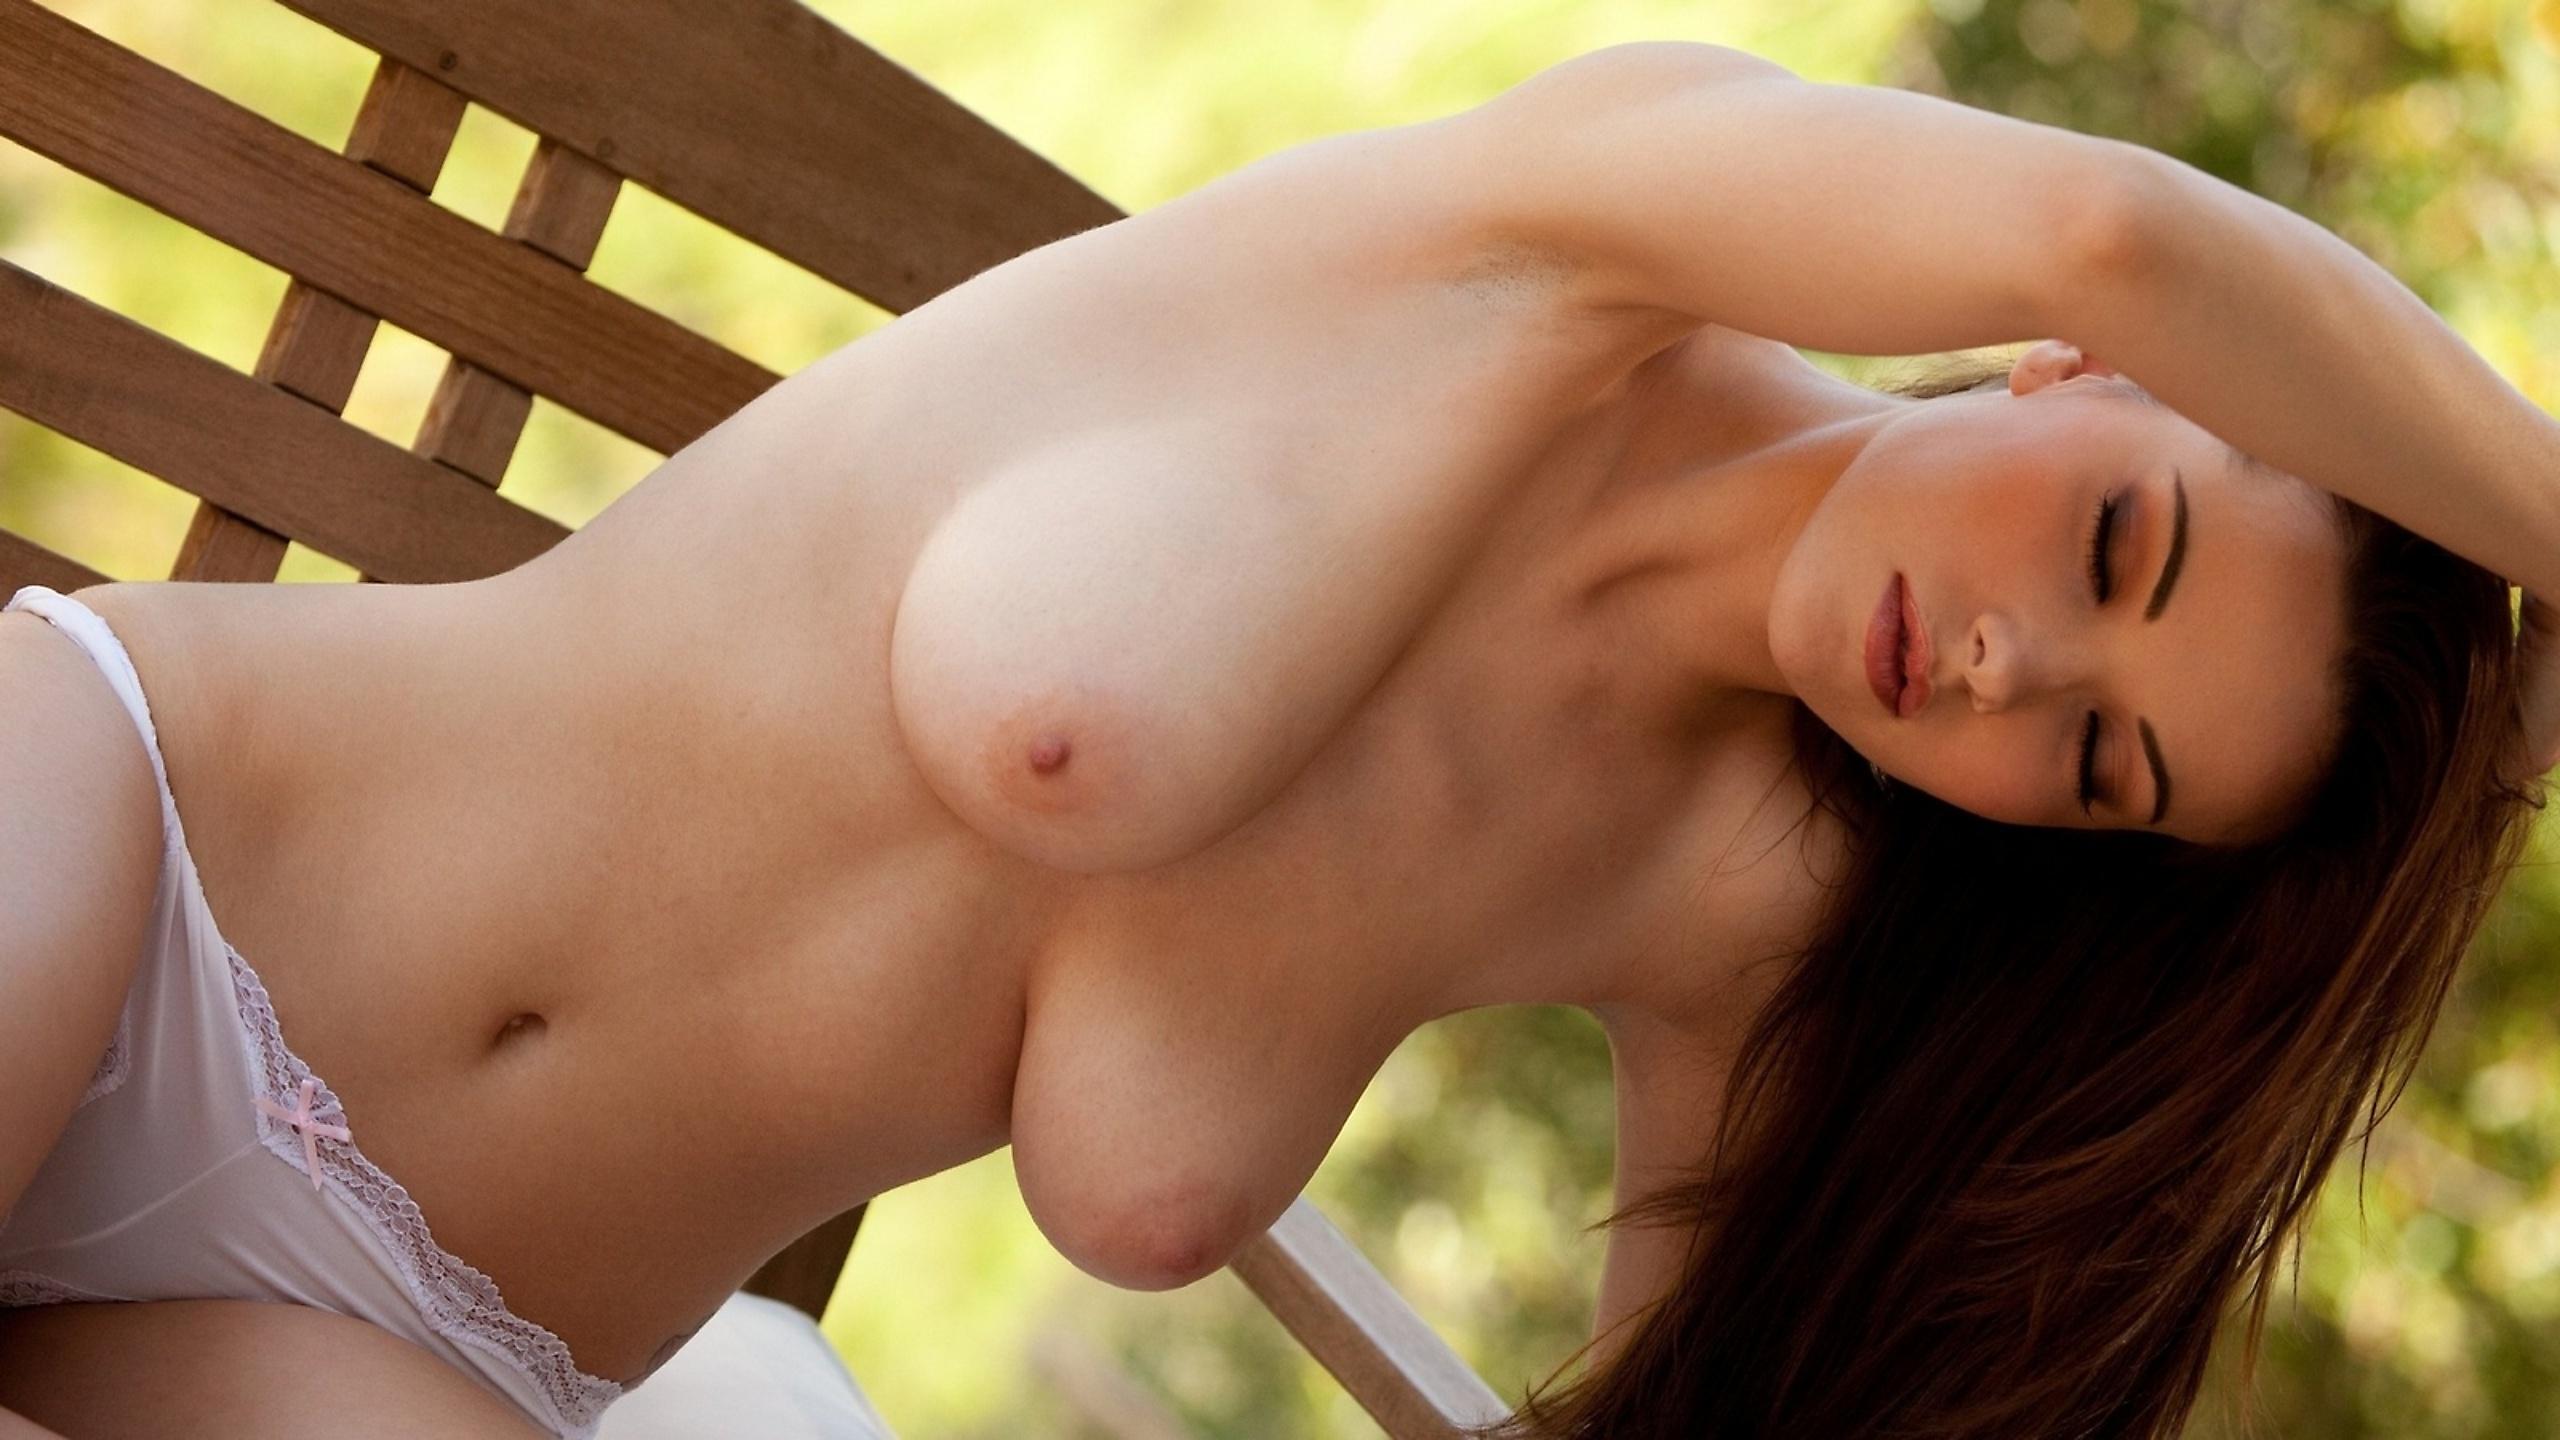 супер видео голых девушек в нд качестве весь покрытый